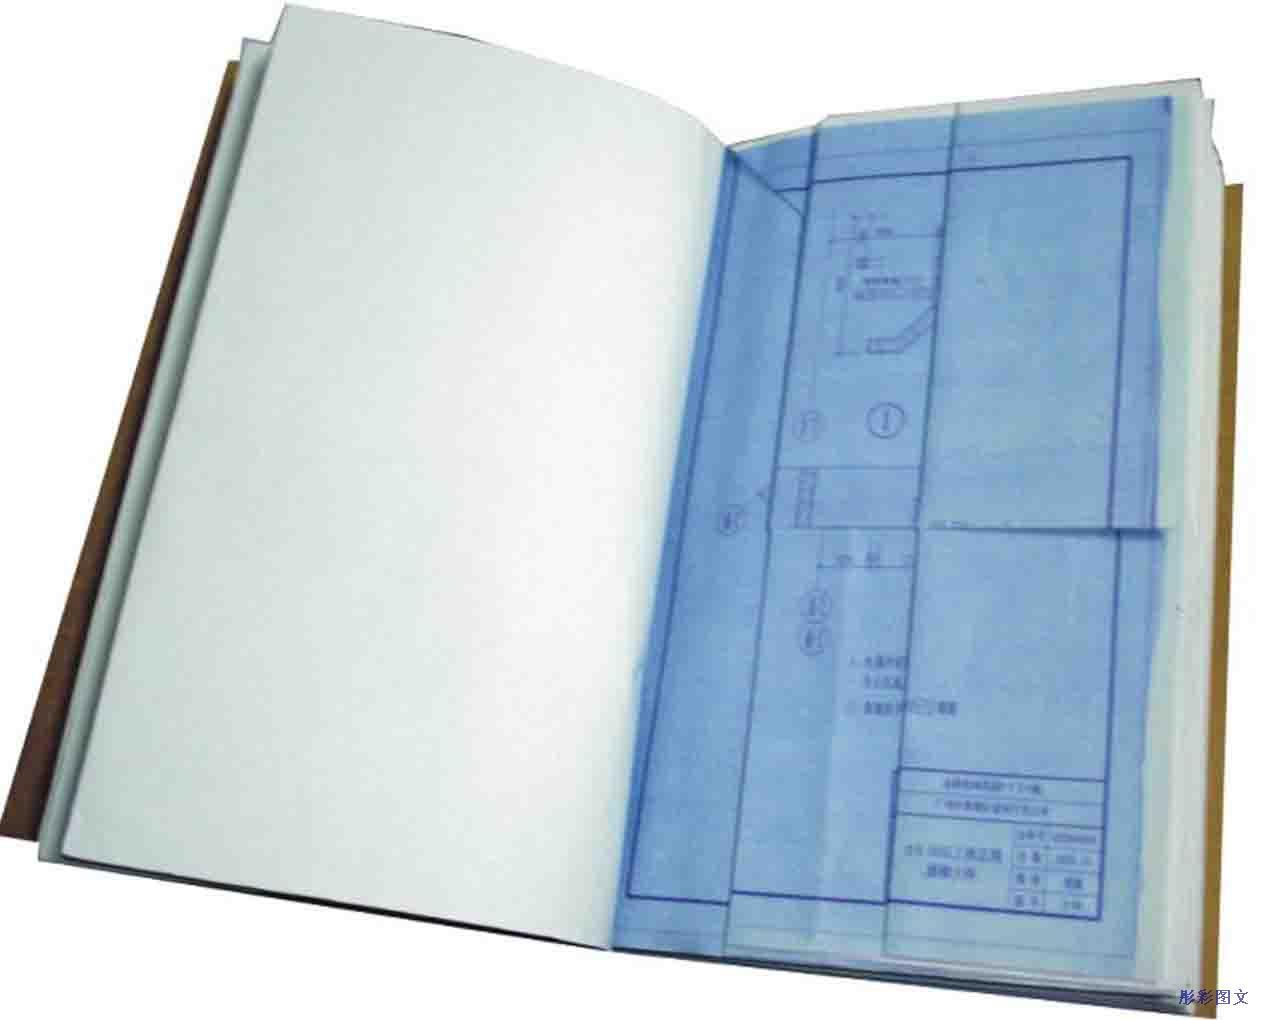 财务装订机_工程图装订使用的牛皮纸的夹子类似于下图_百度知道